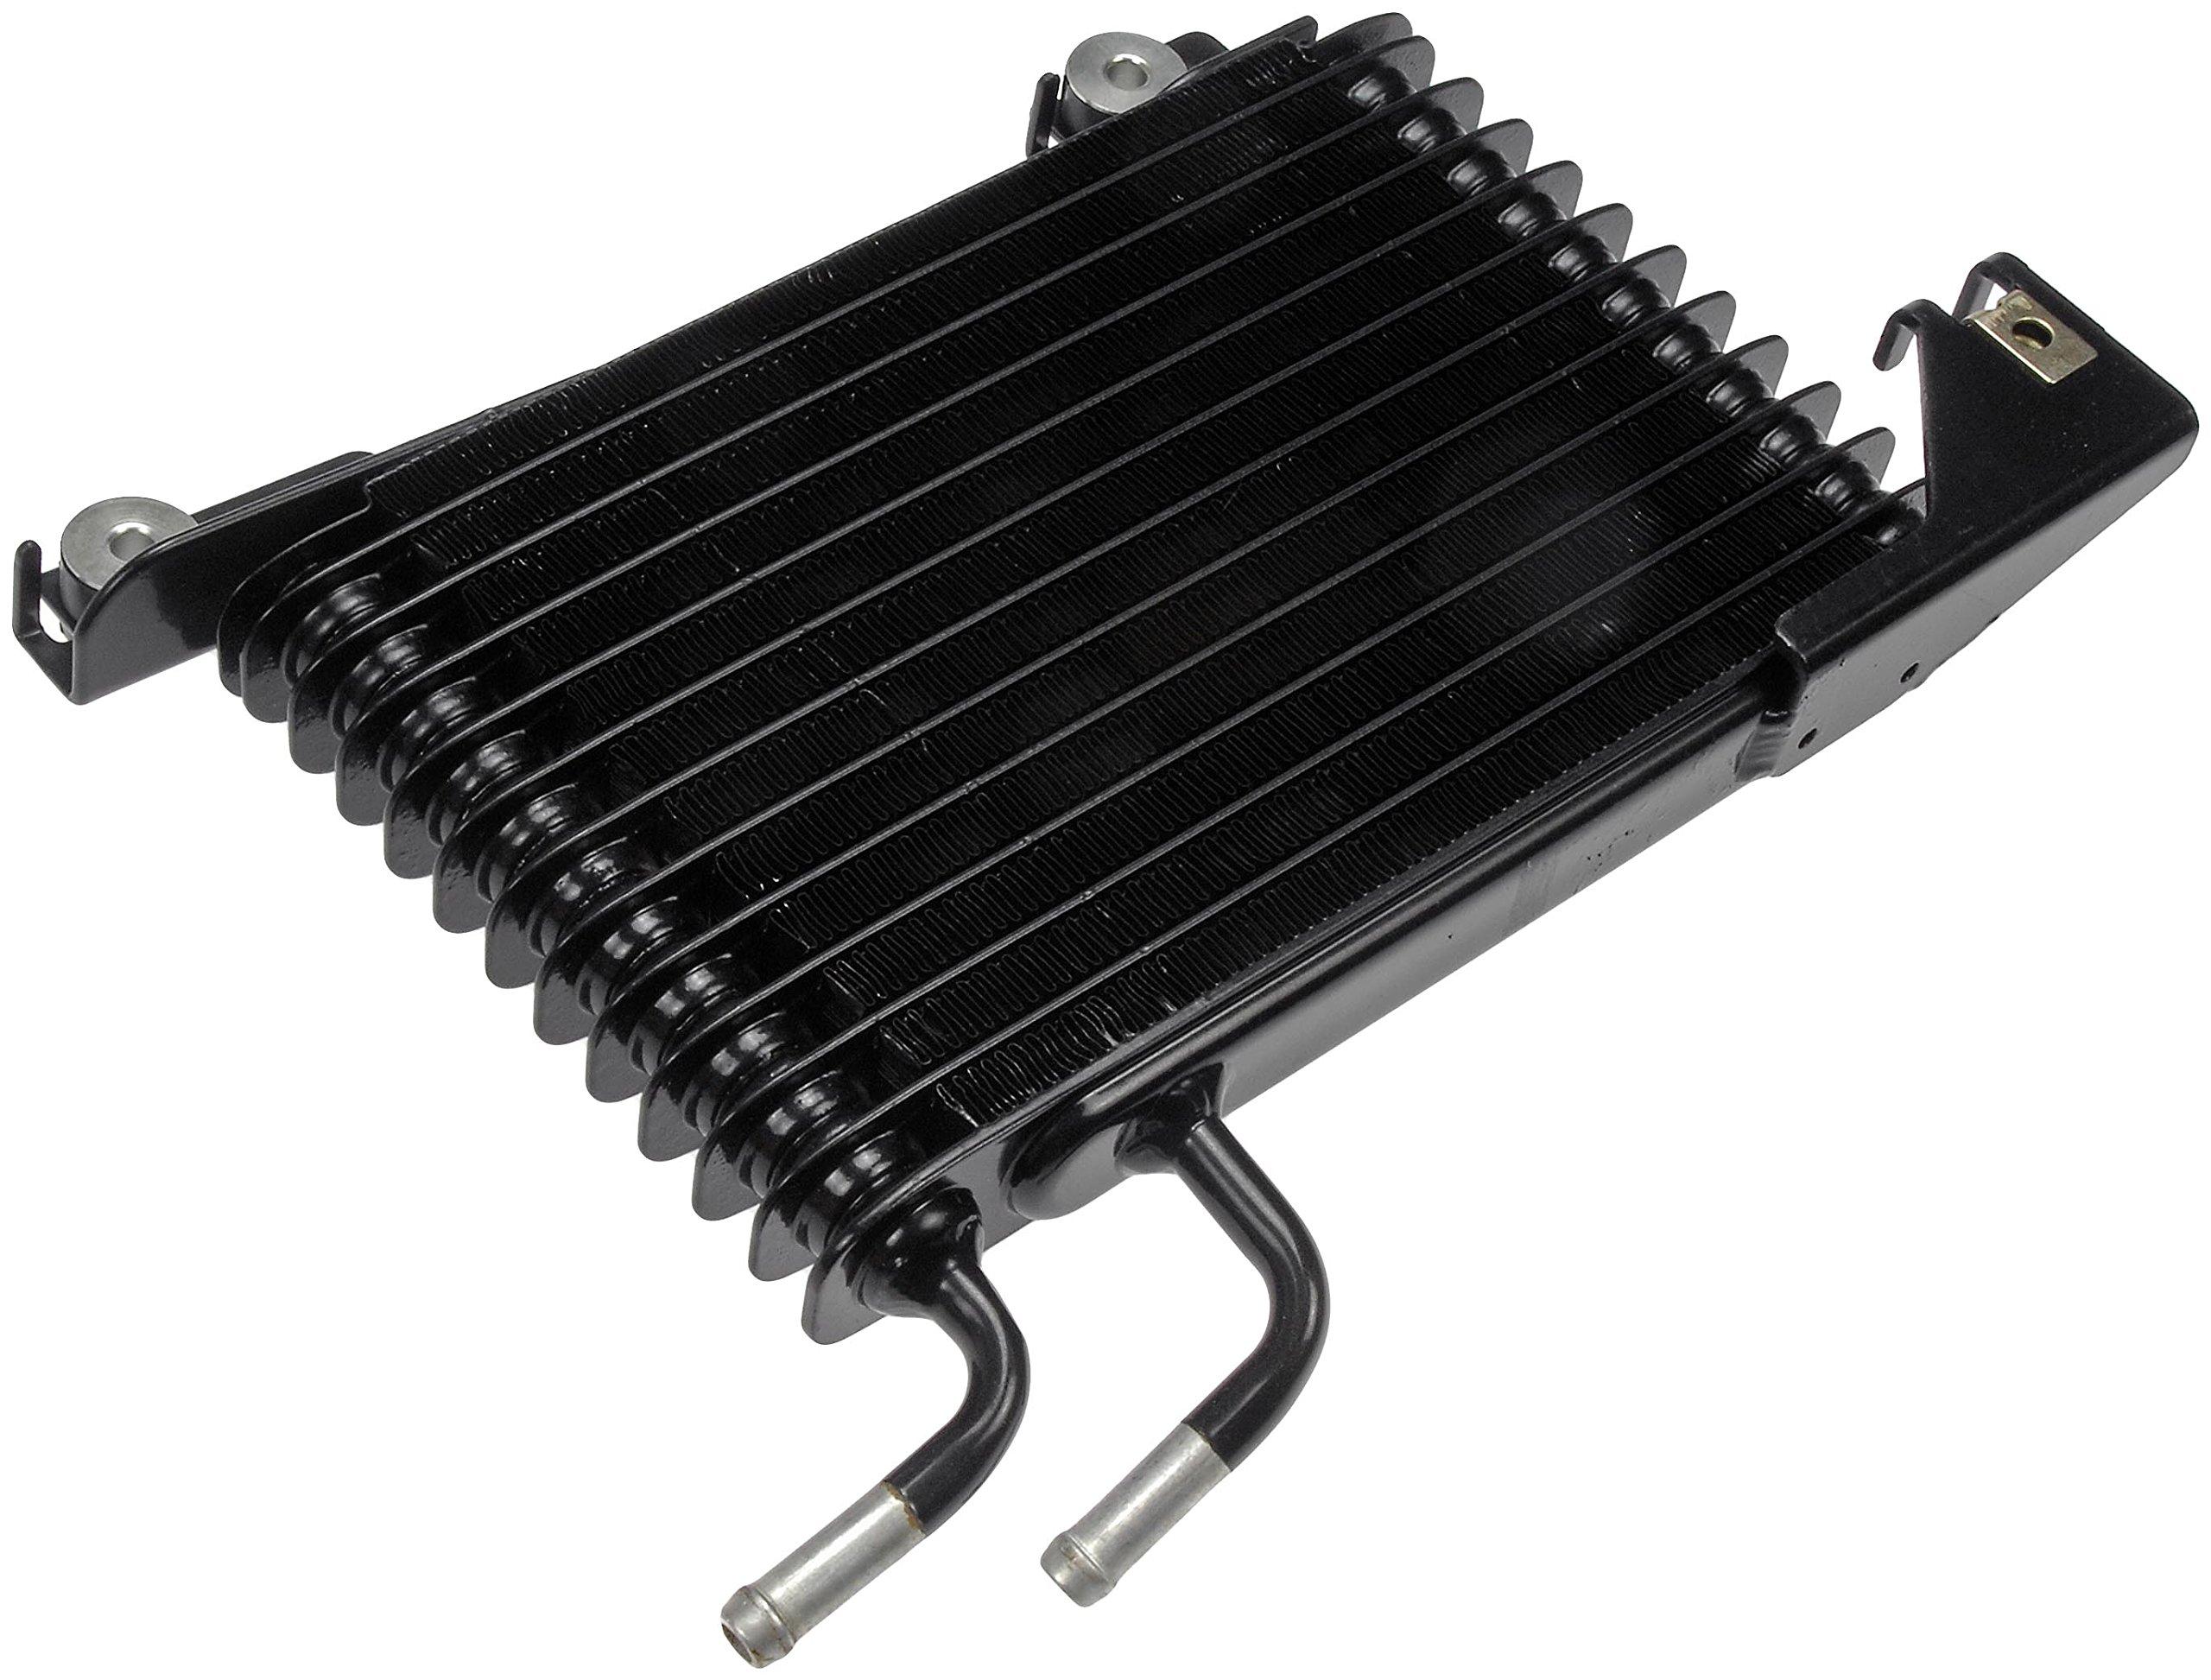 Dorman 918-240 Transmission Oil Cooler